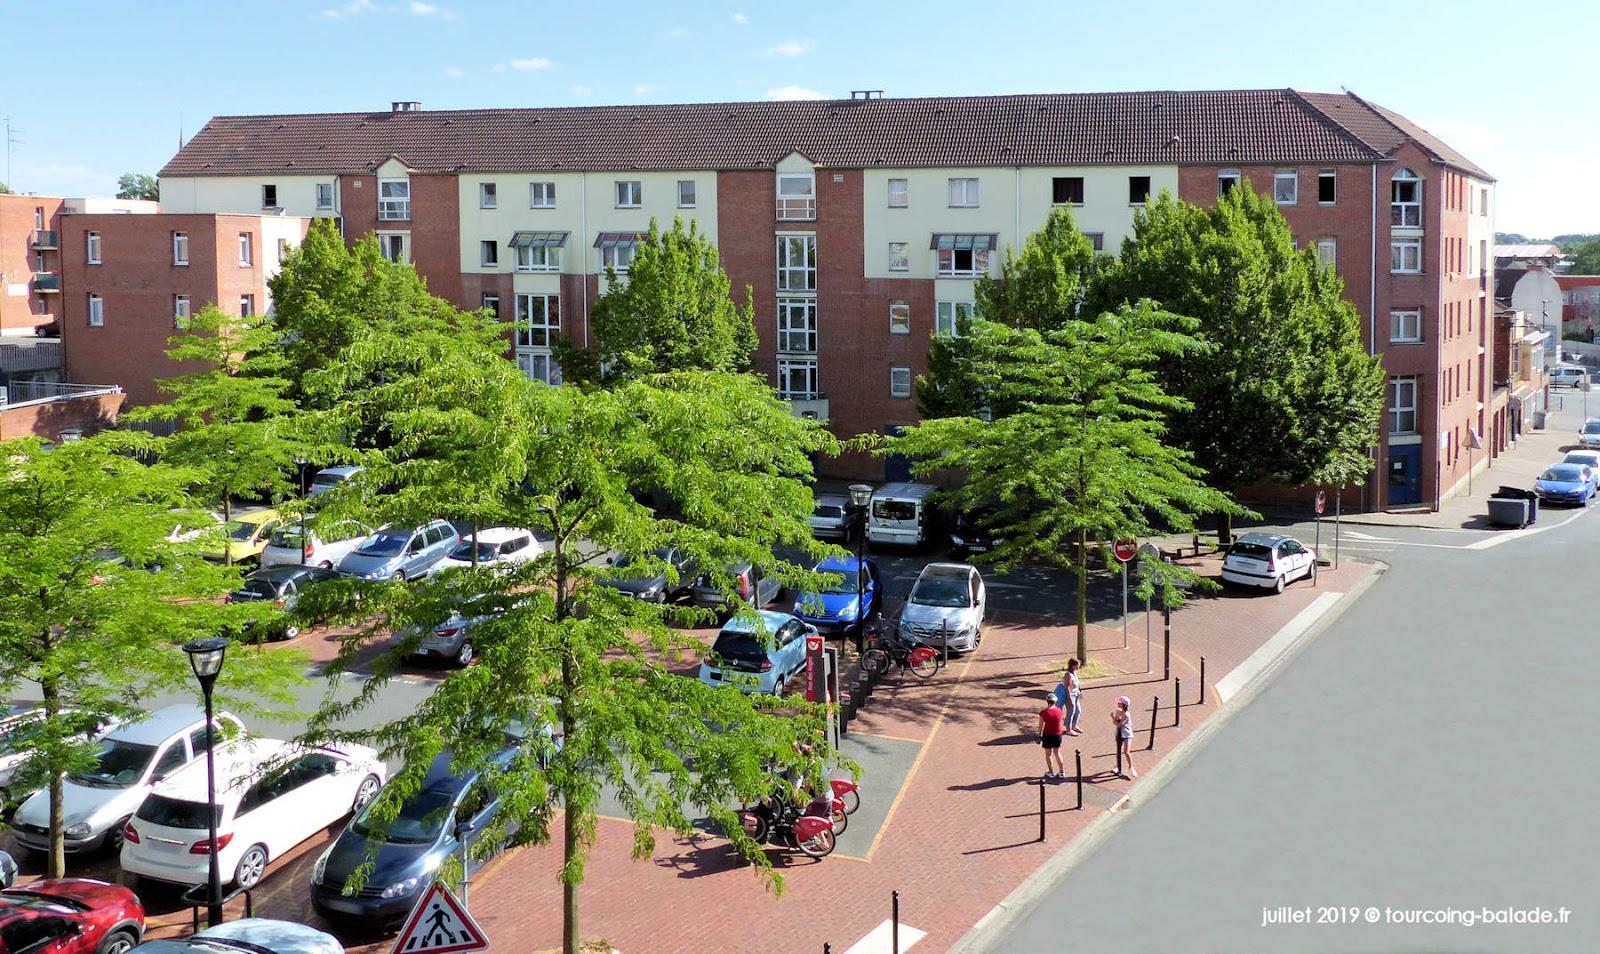 Parking Lagrange, Tourcoing 2019